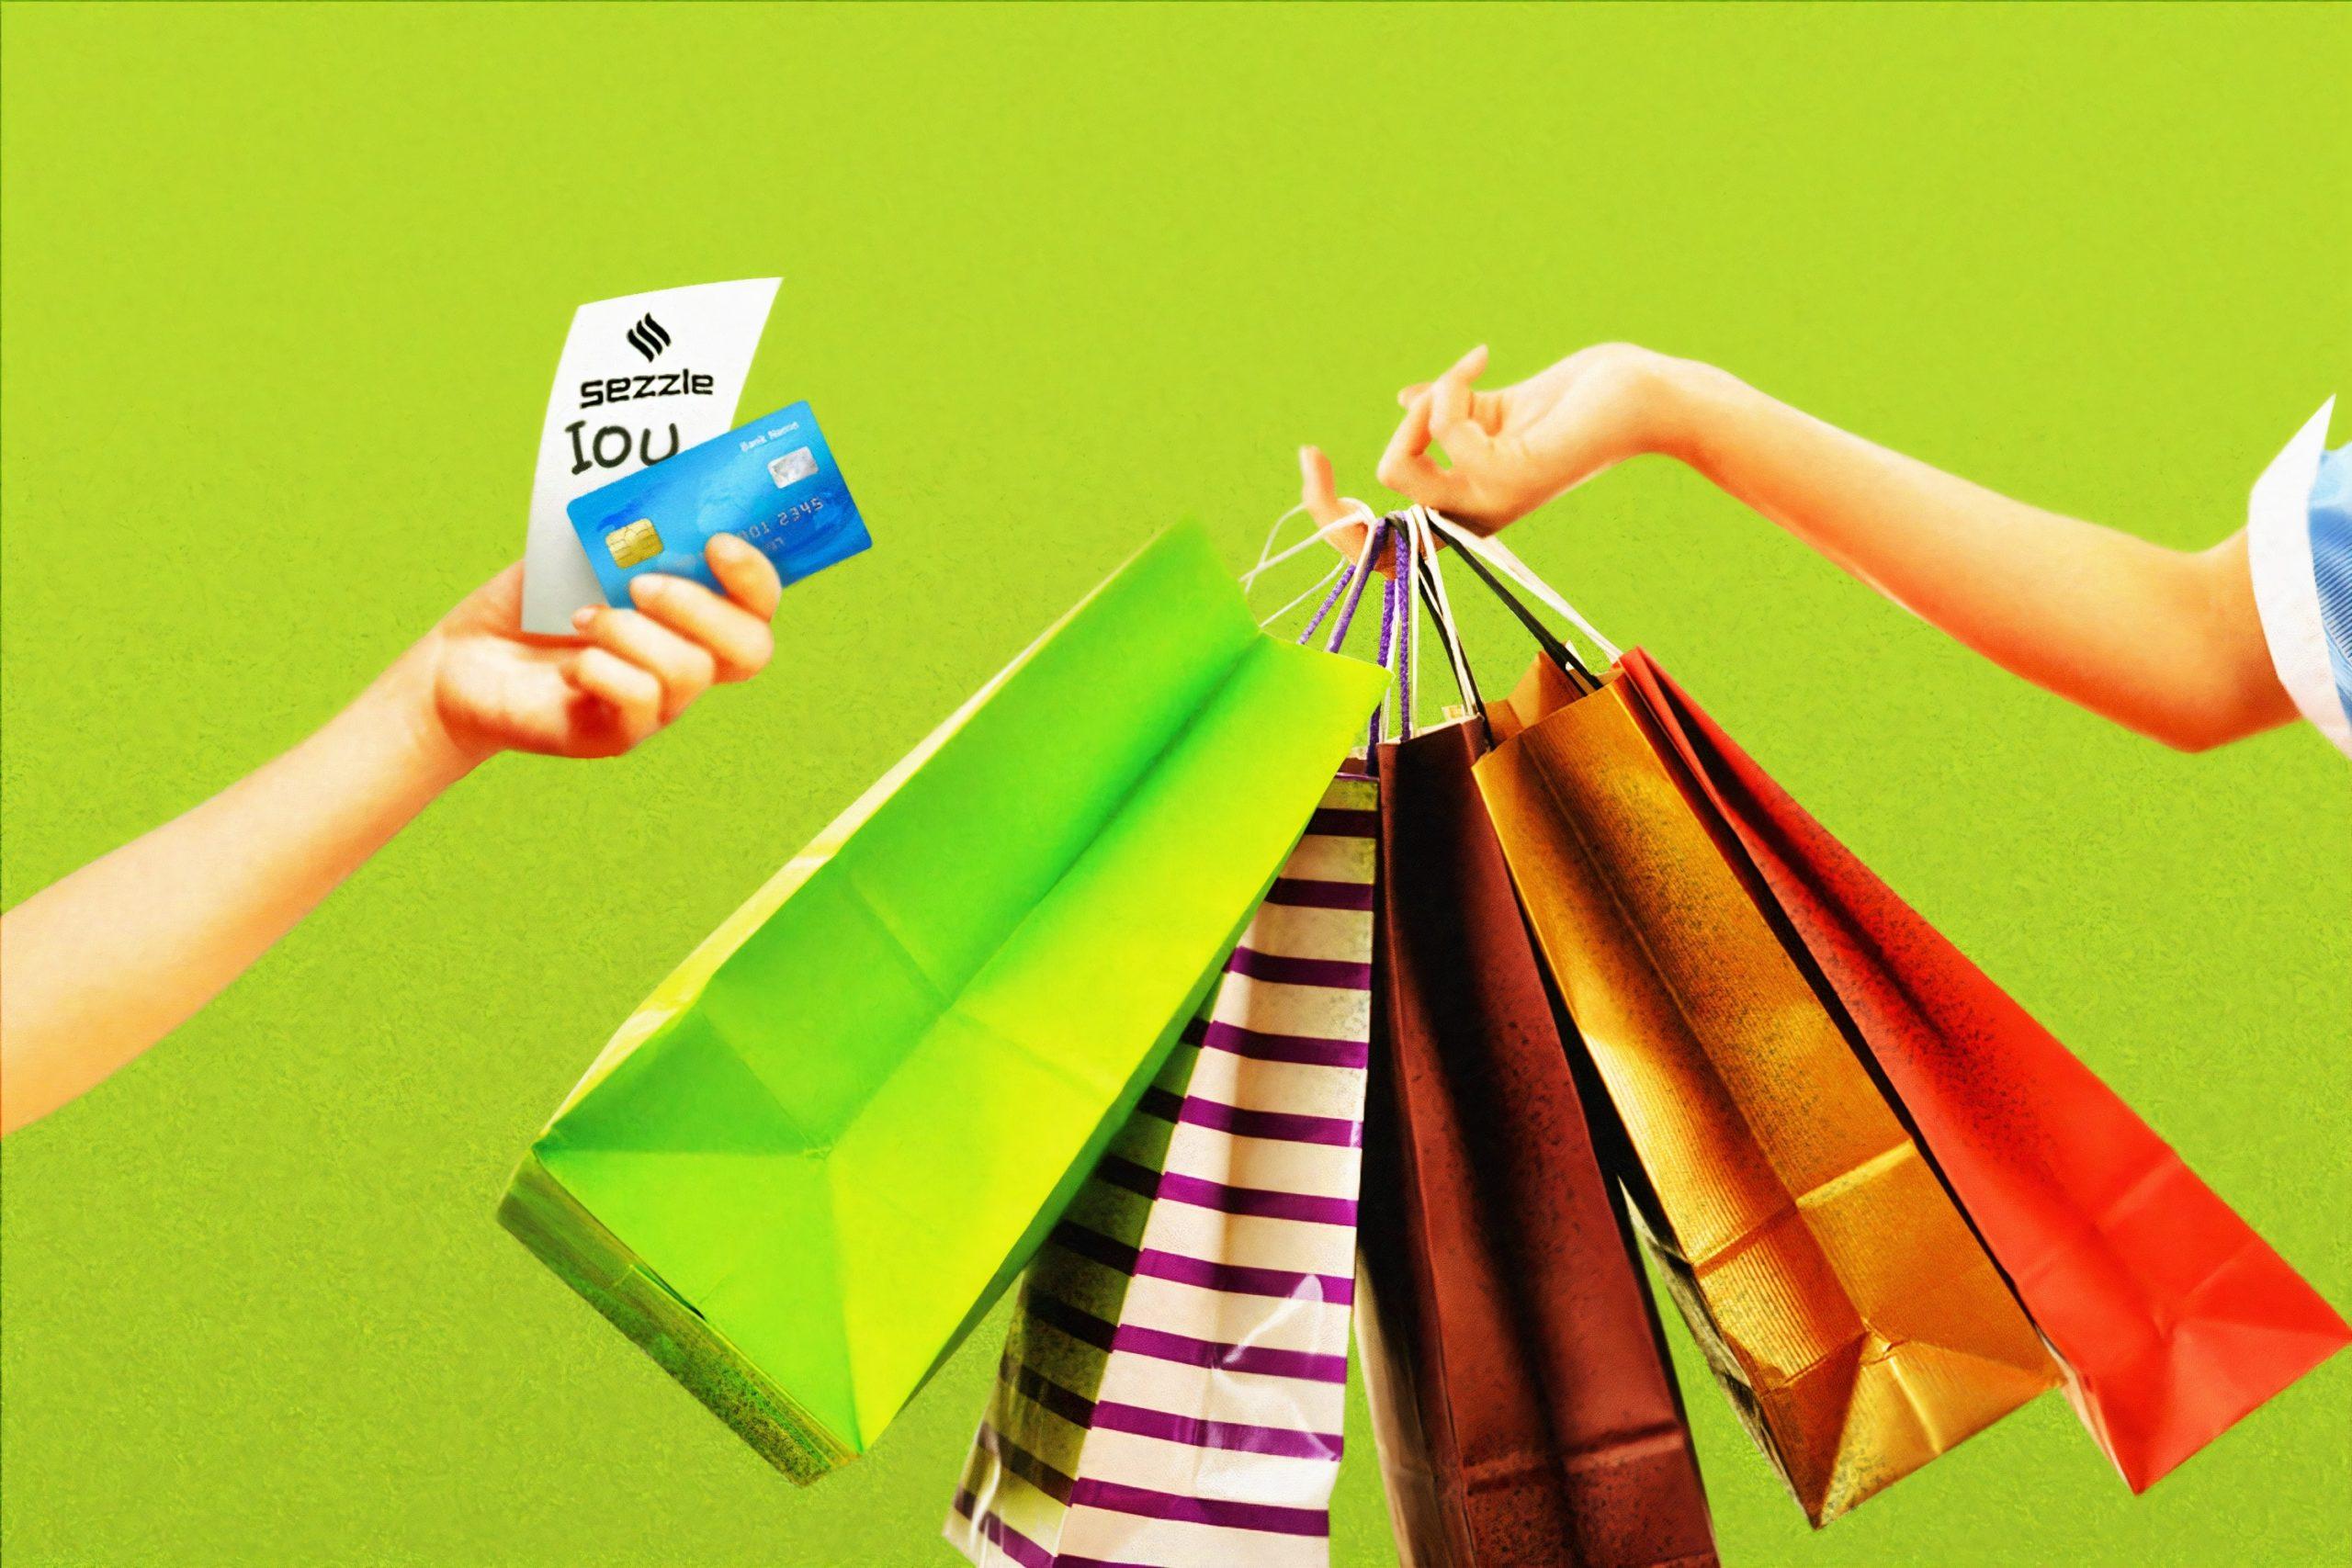 【Japanese Vocabulary】Shopping:買い物(かいもの)